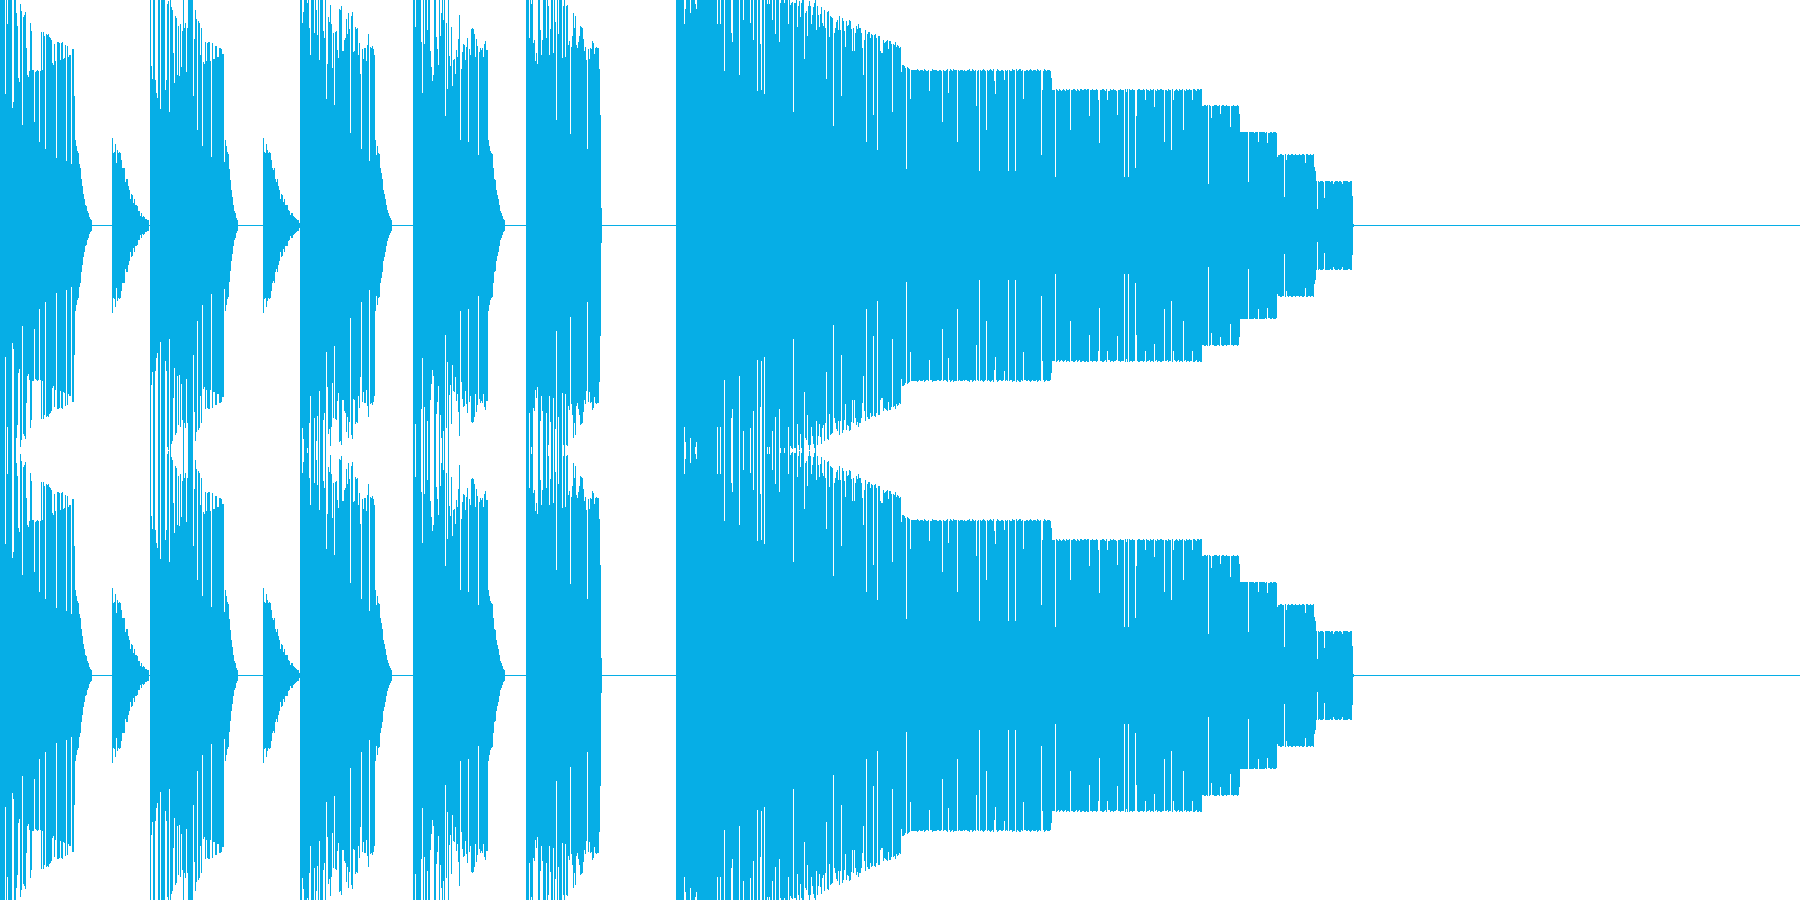 ステージオープニング風チップチューンの再生済みの波形